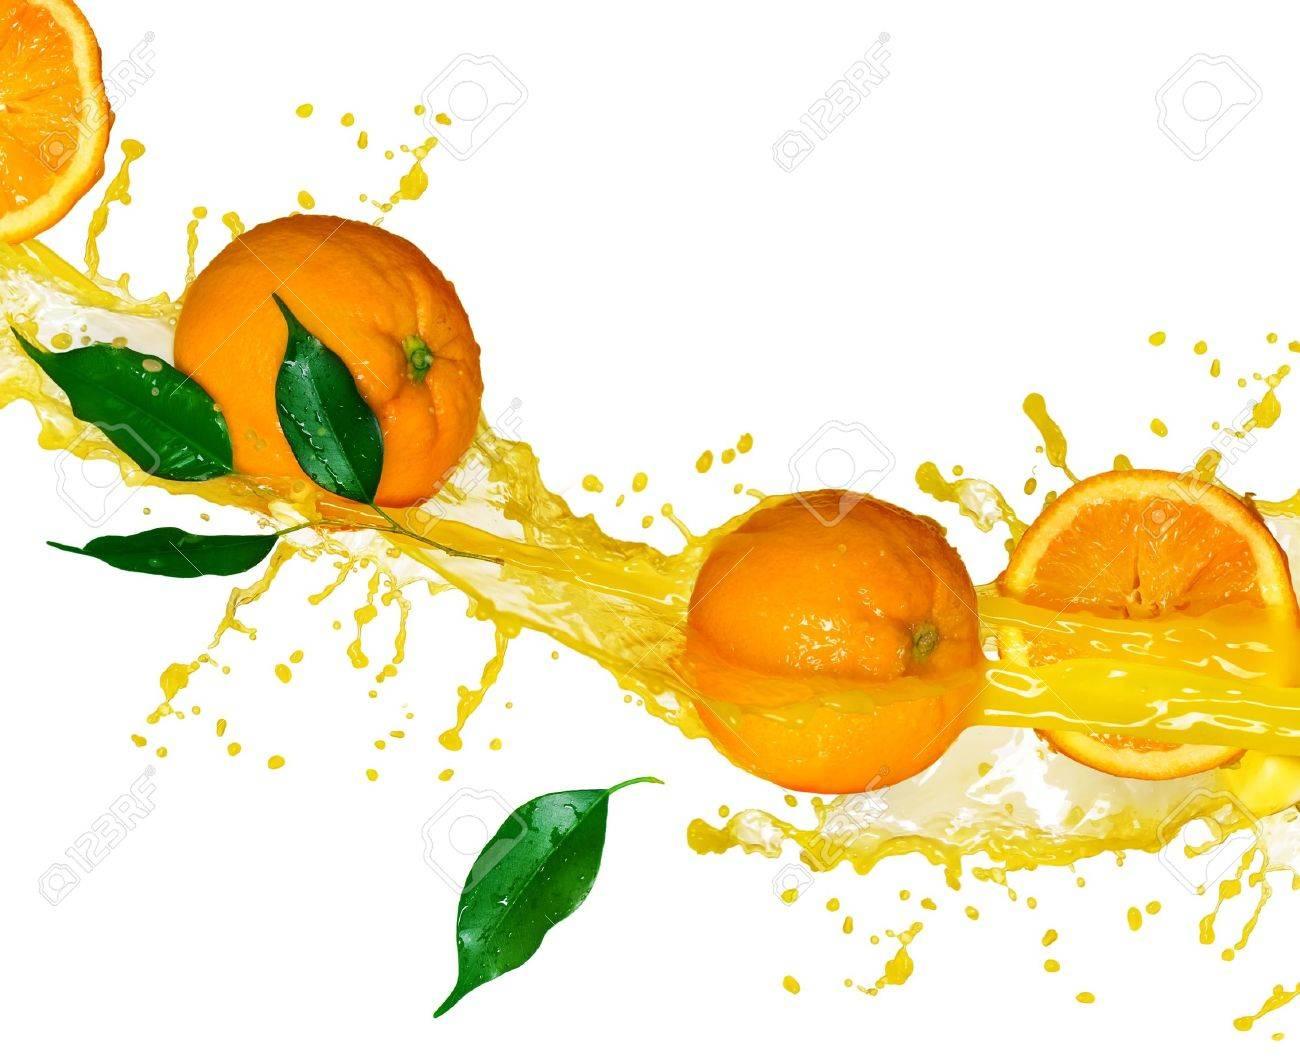 Orange juice isolated on white - 7815190